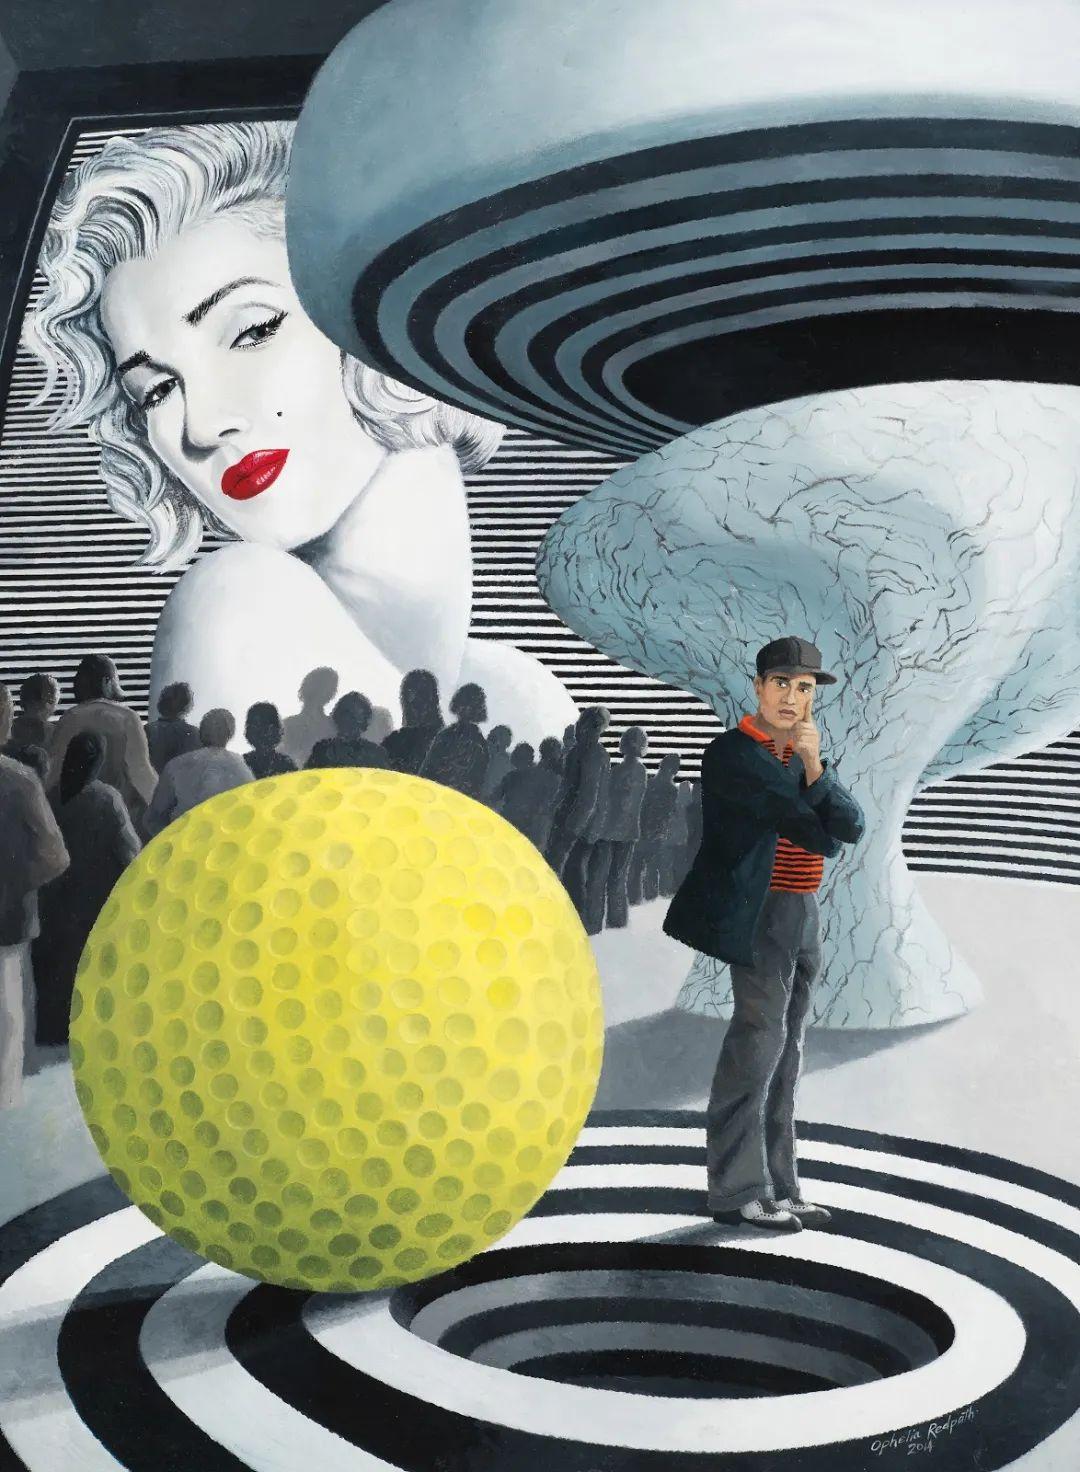 超现实主义 | 英国女画家Ophelia Redpath插图17